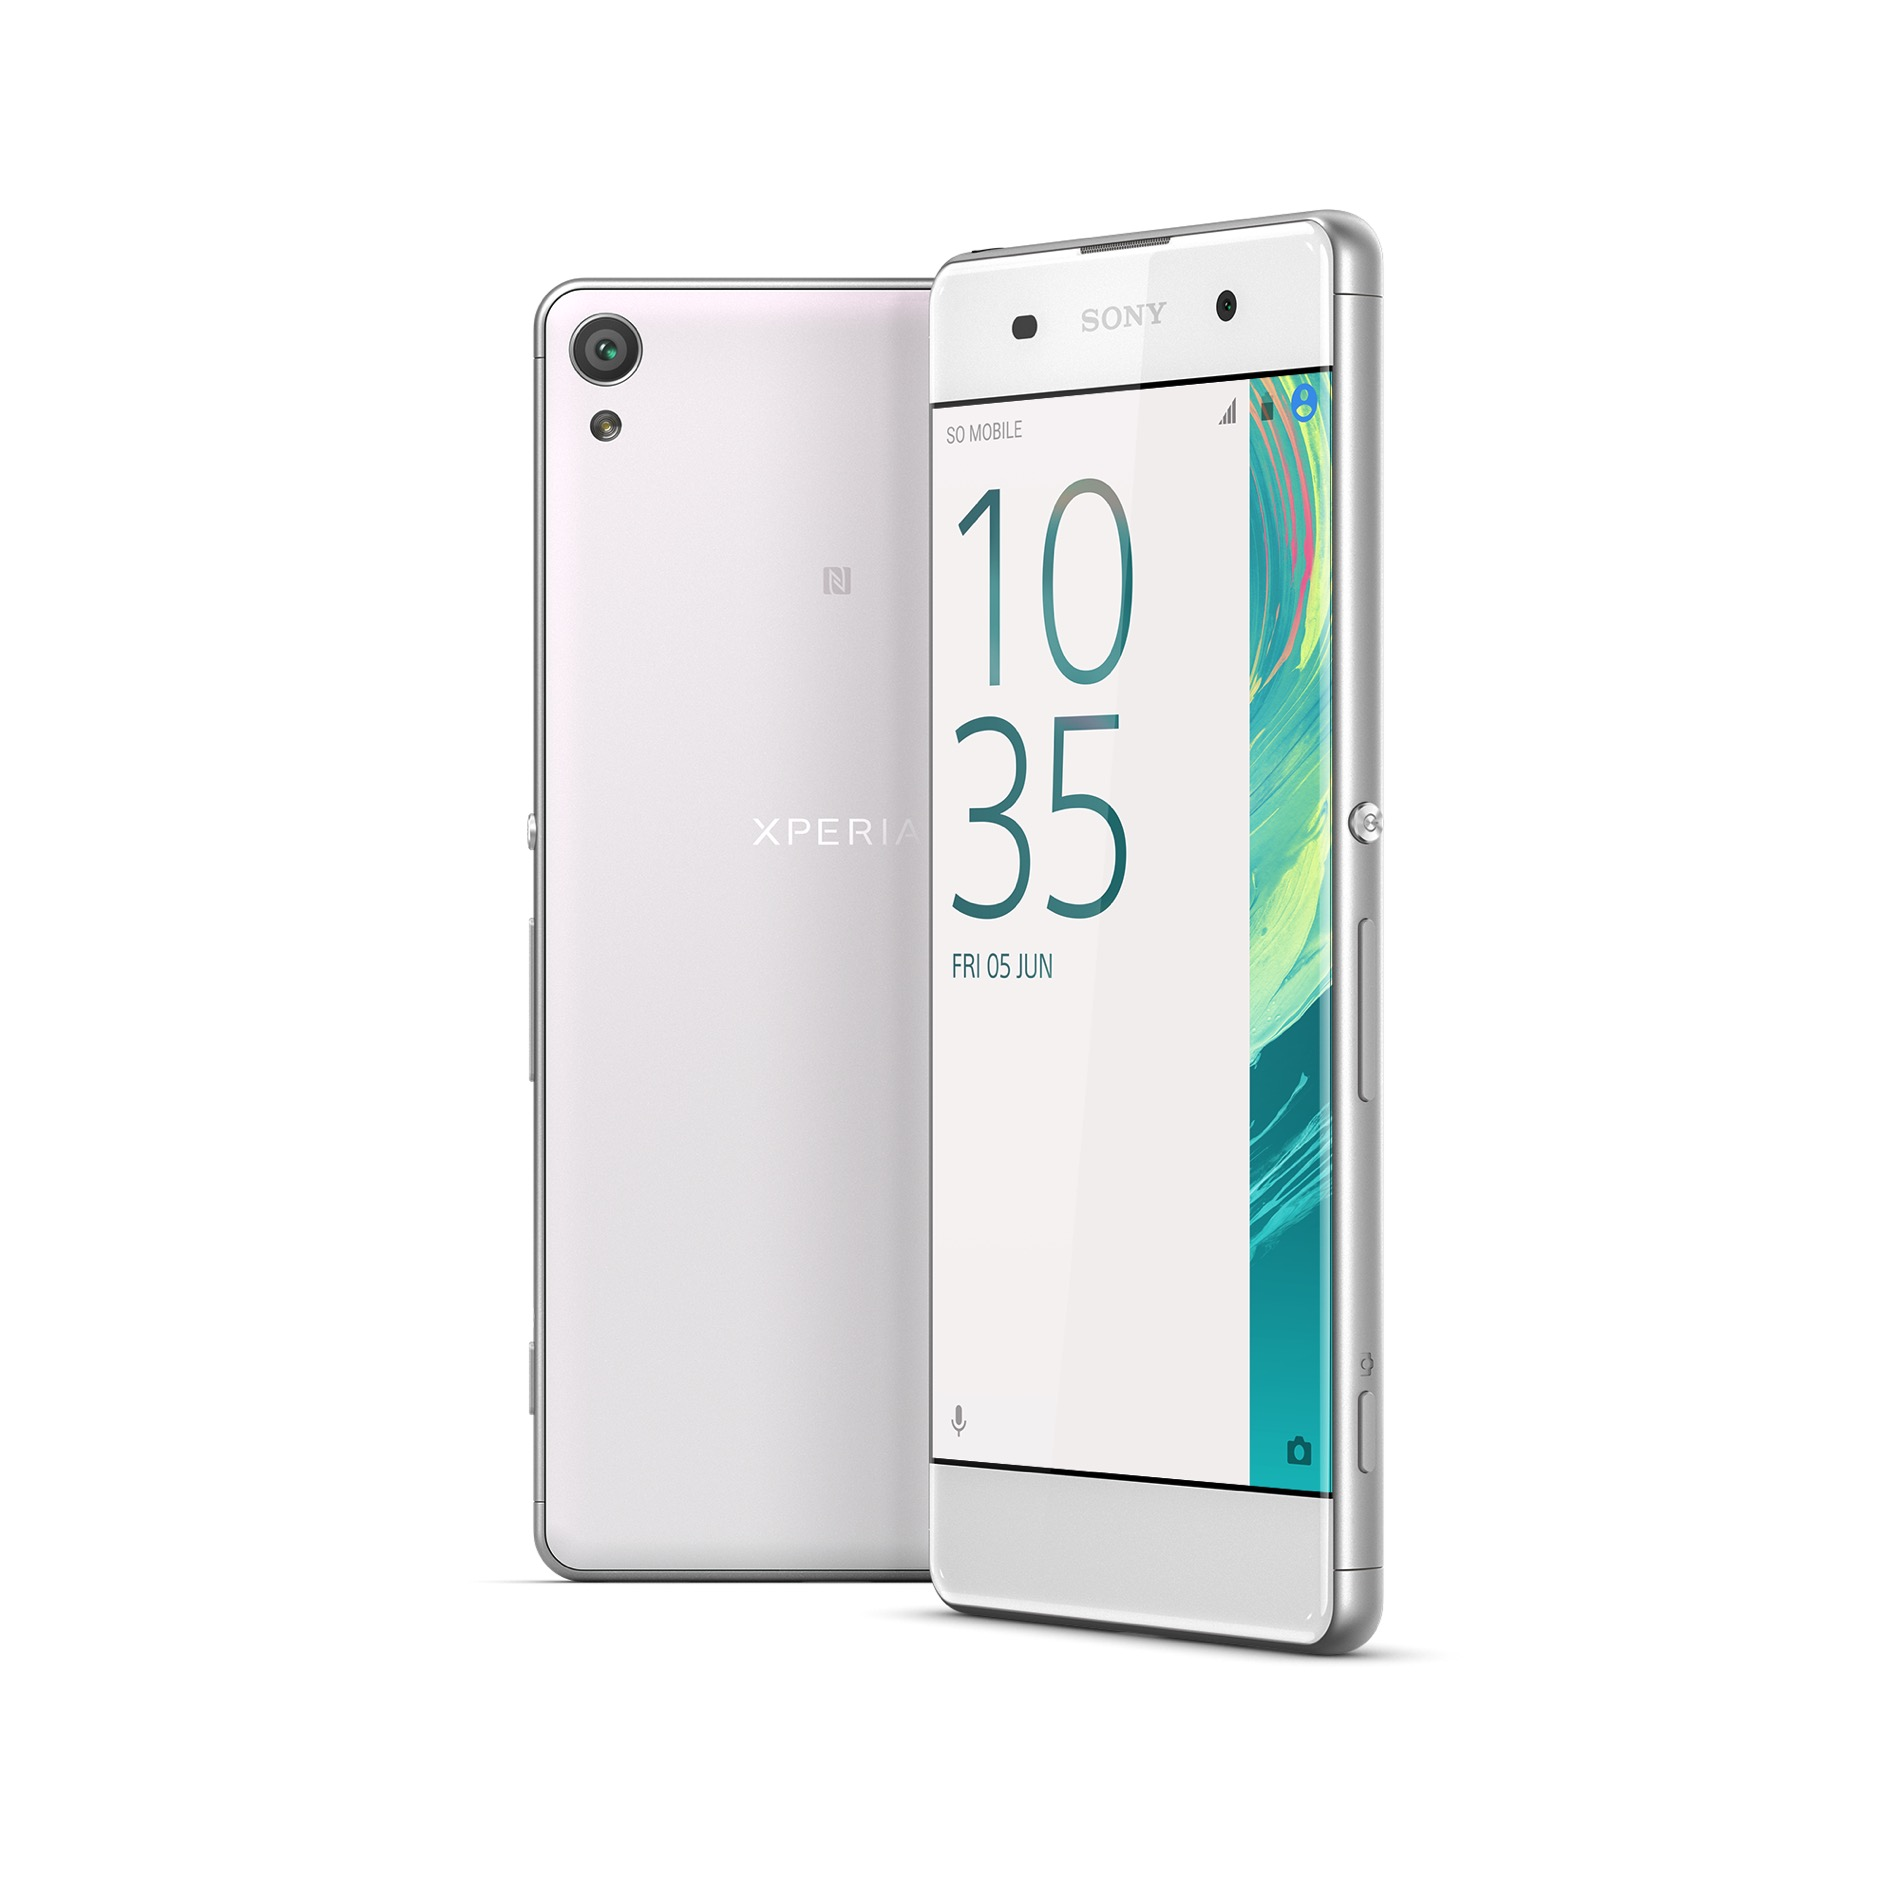 Sony-Xperia-XA-Render-2